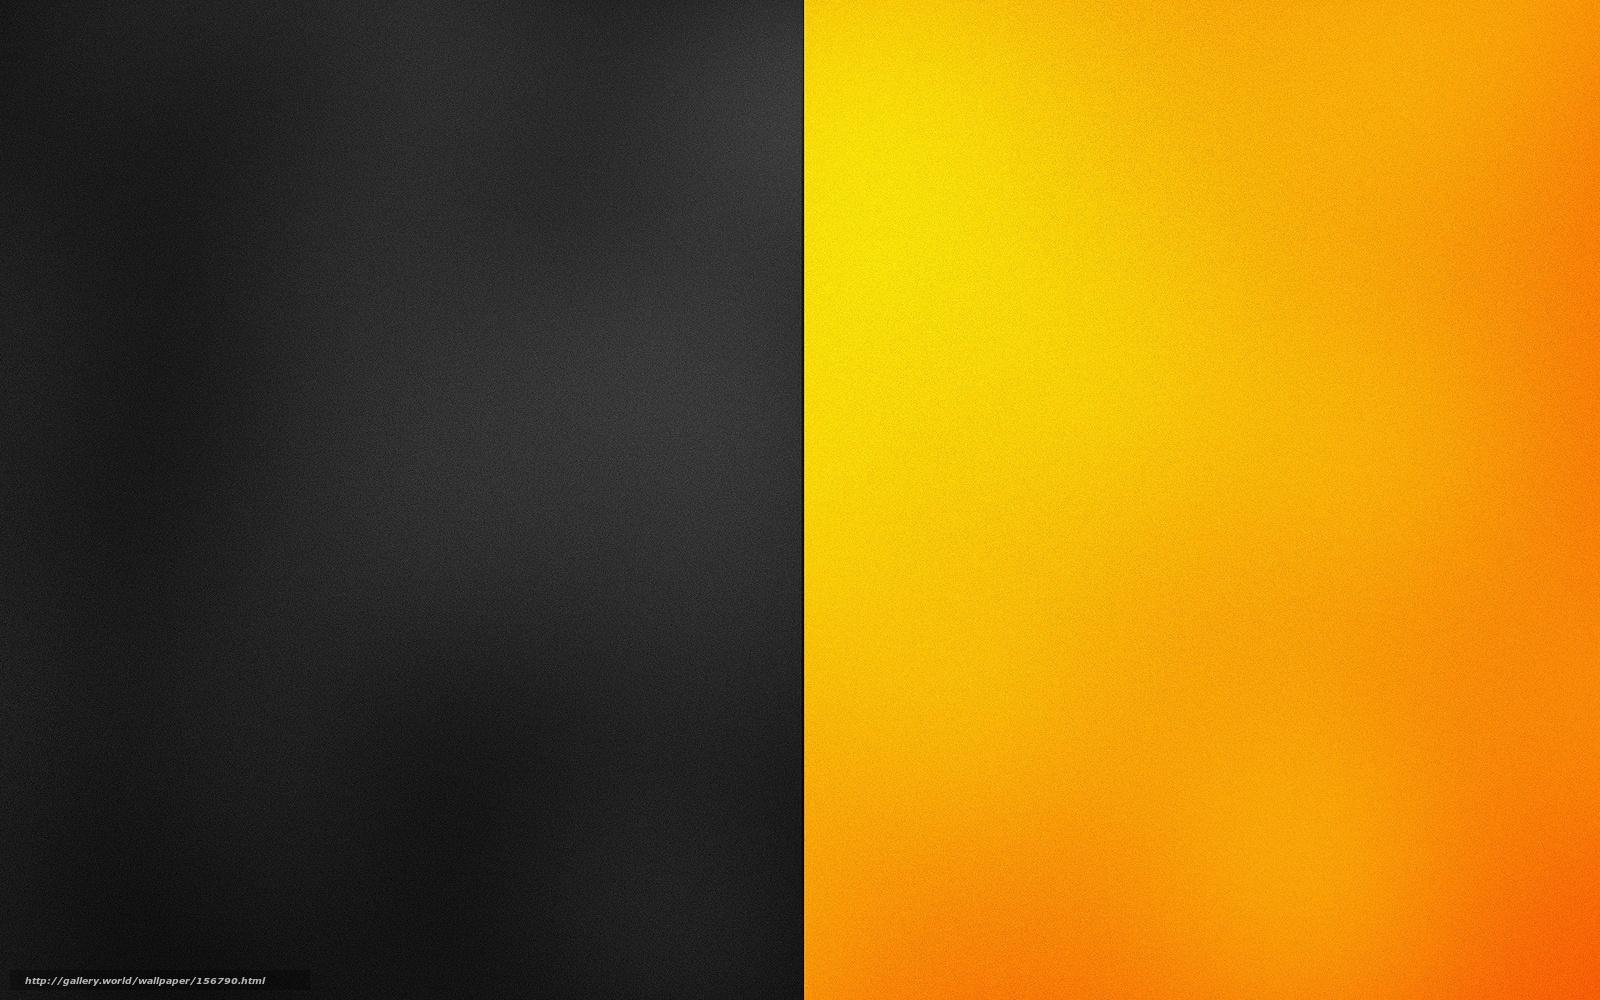 Tlcharger Fond D Ecran Textures Jaune Noir Lamborghini Fonds D Ecran Gratuits Pour Votre Rsolution Du Bureau 1920x1200 Image 156790